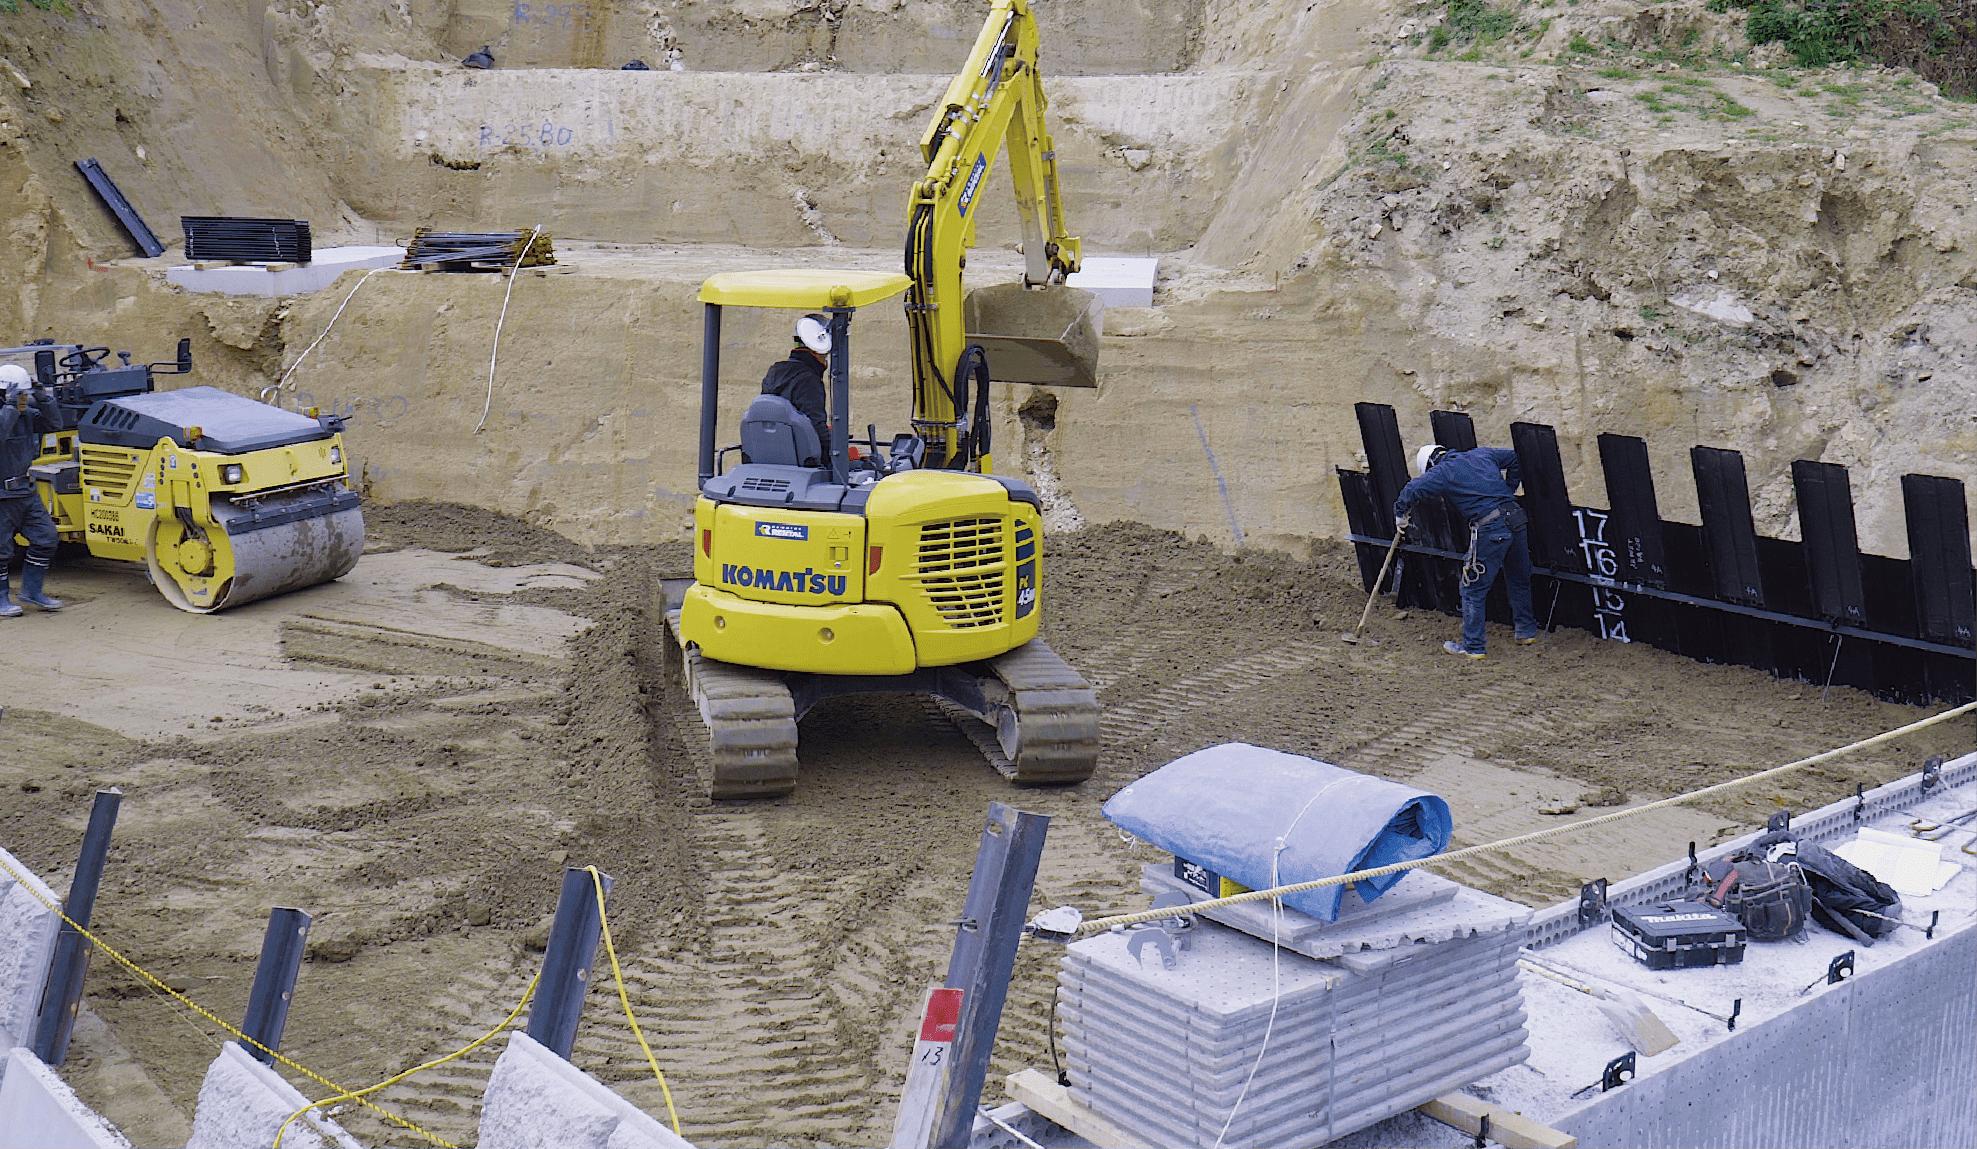 橋脚工事や下水道工事、災害復旧工事